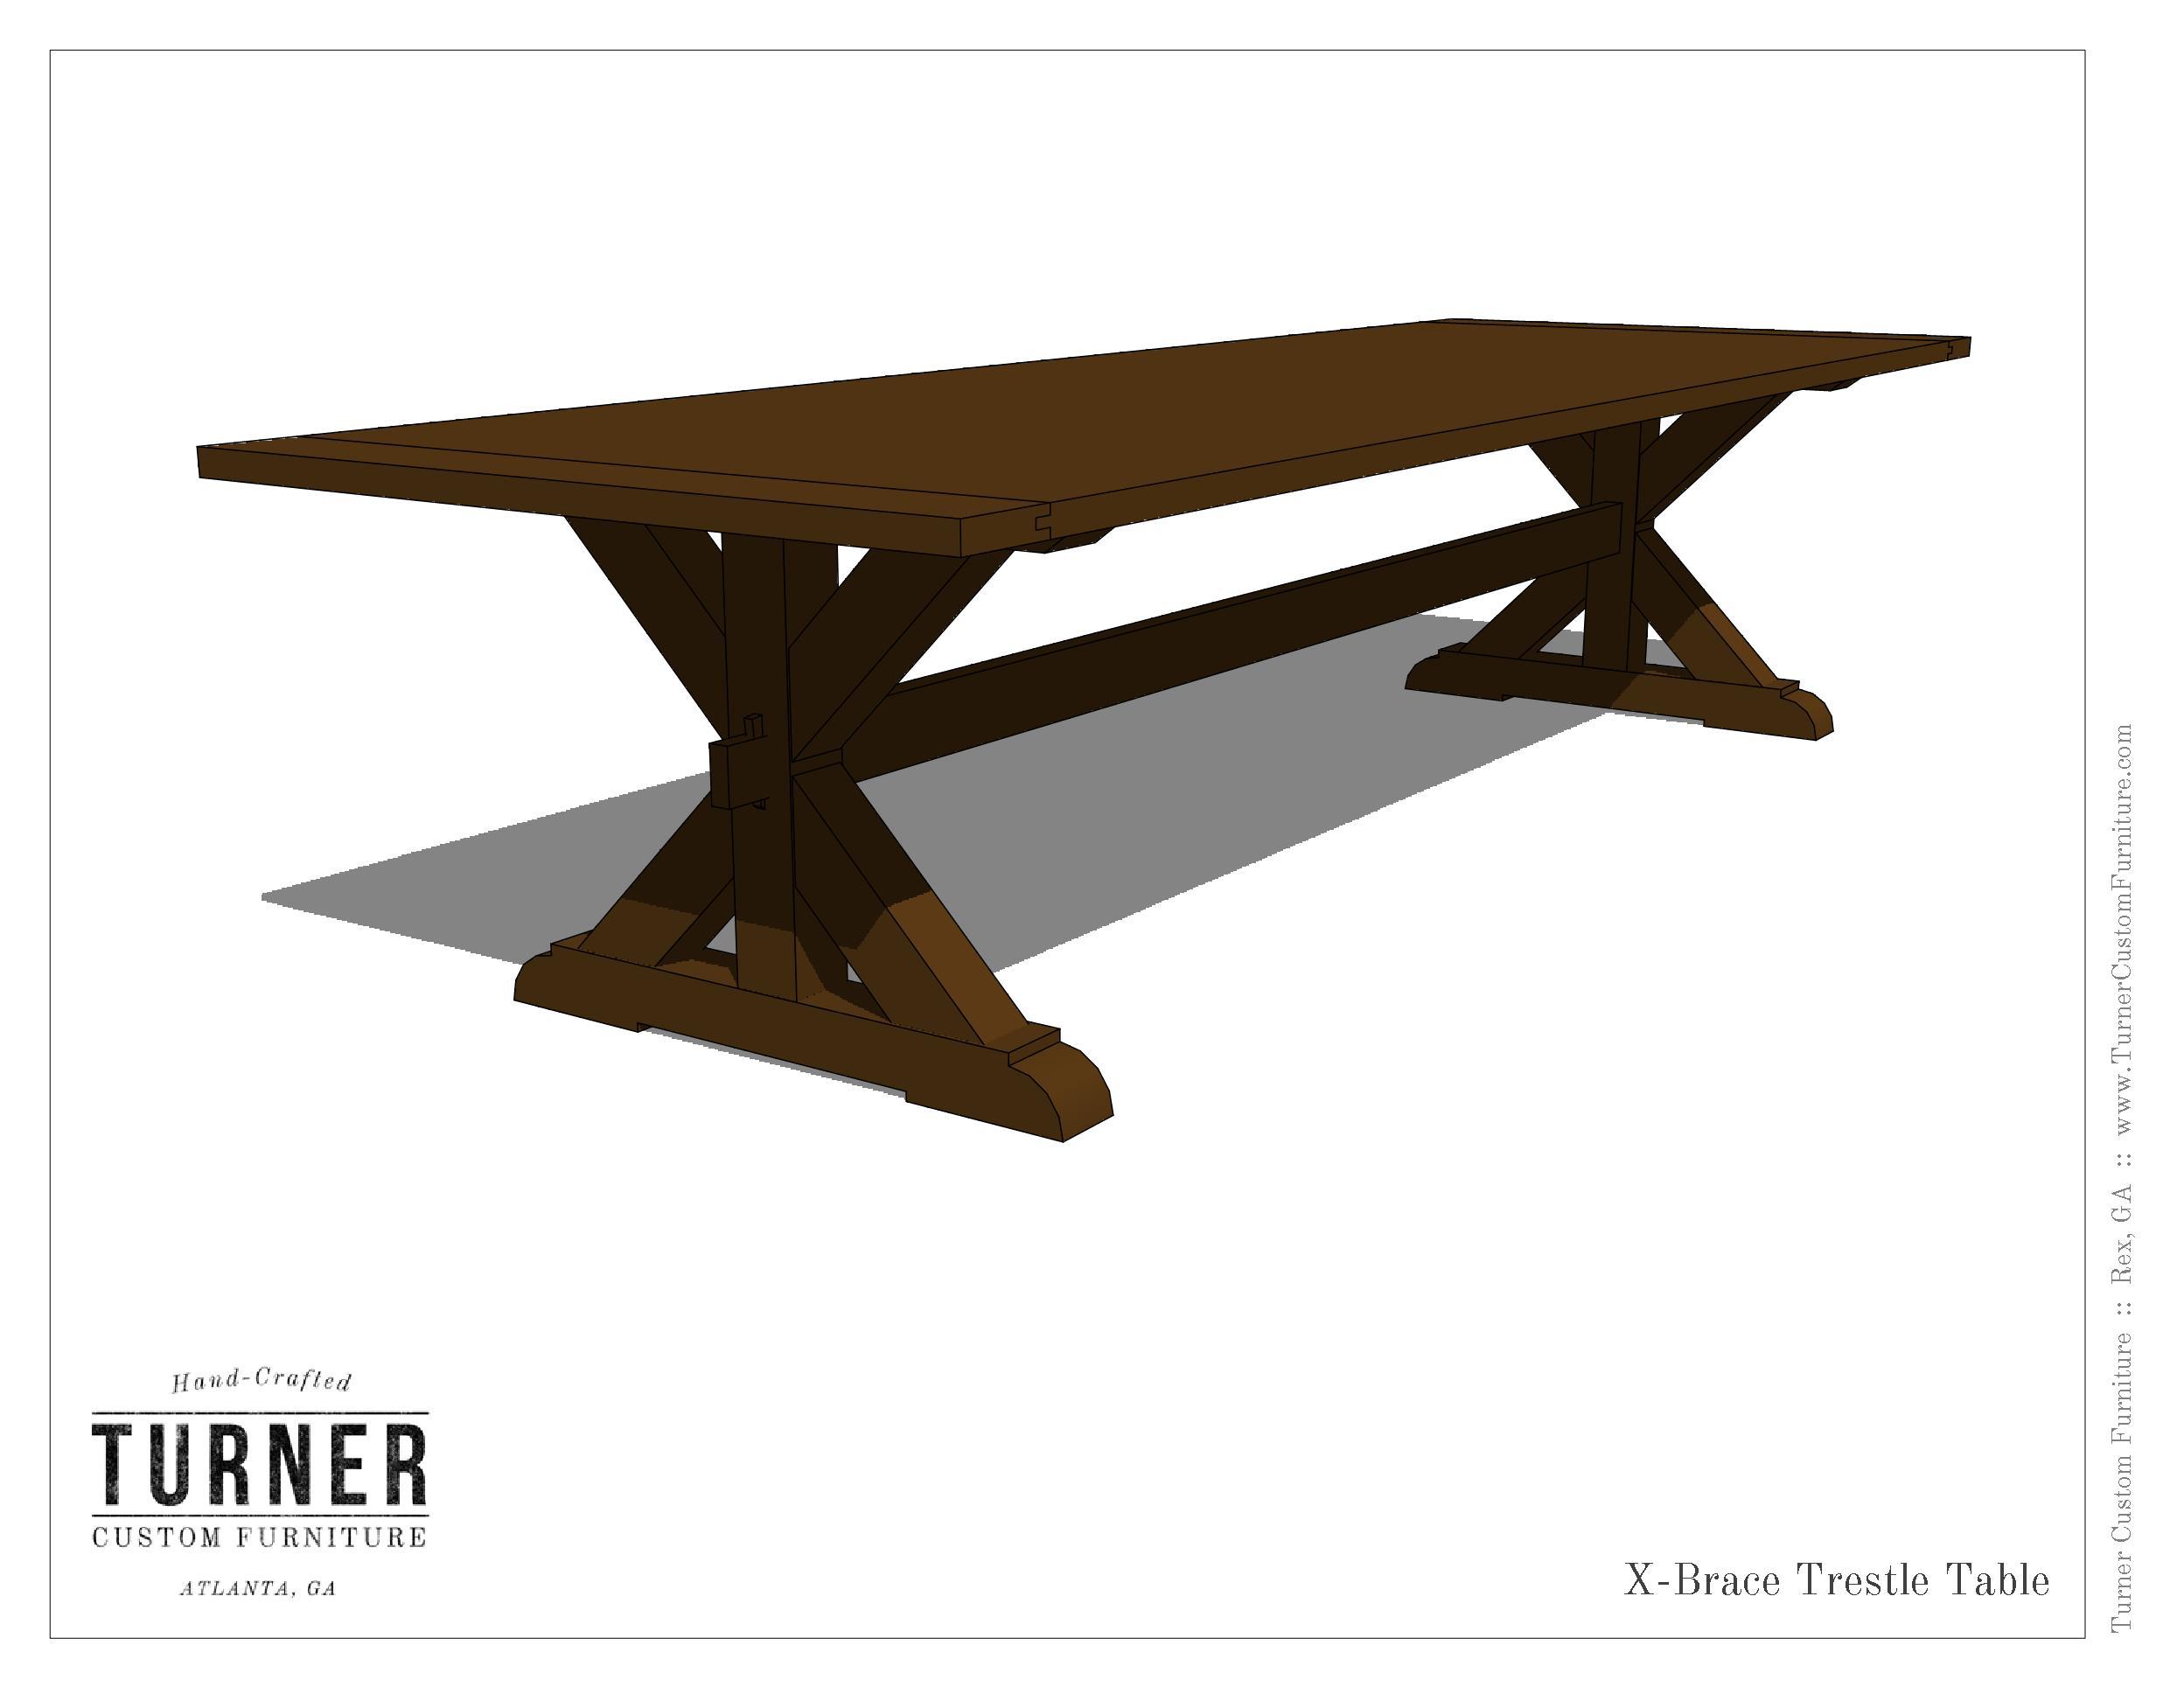 Table Builder_11.jpg